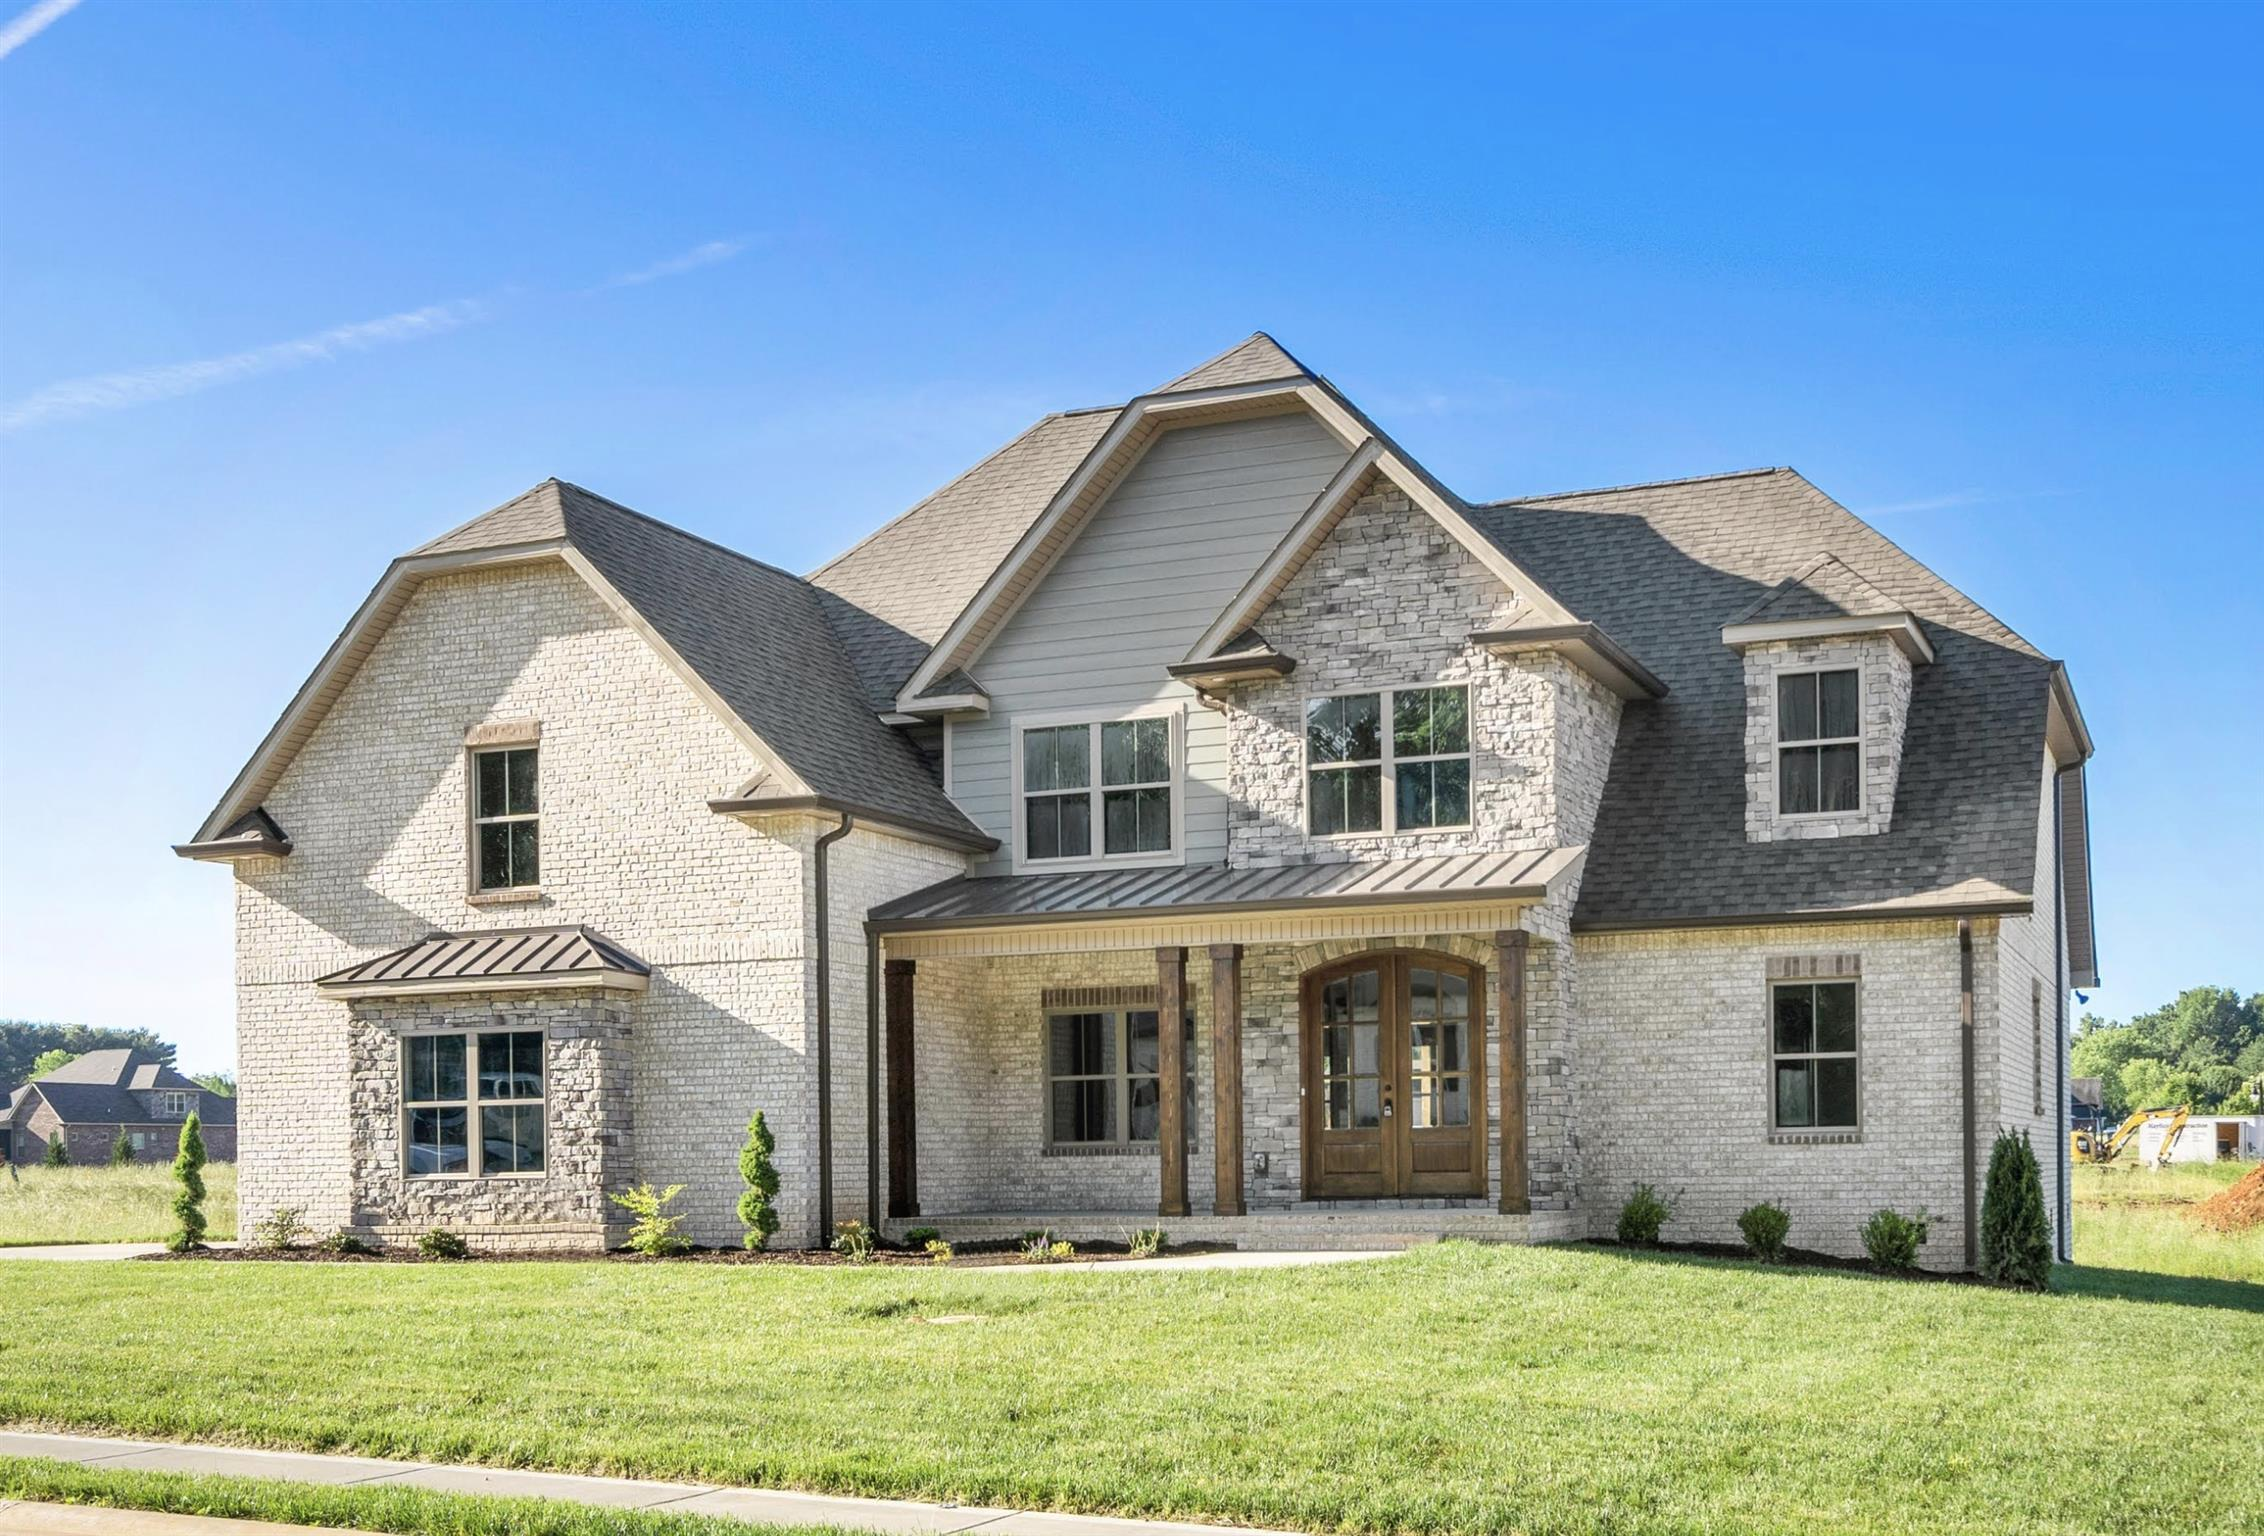 2029 Trout Trail, Murfreesboro, TN 37129 - Murfreesboro, TN real estate listing